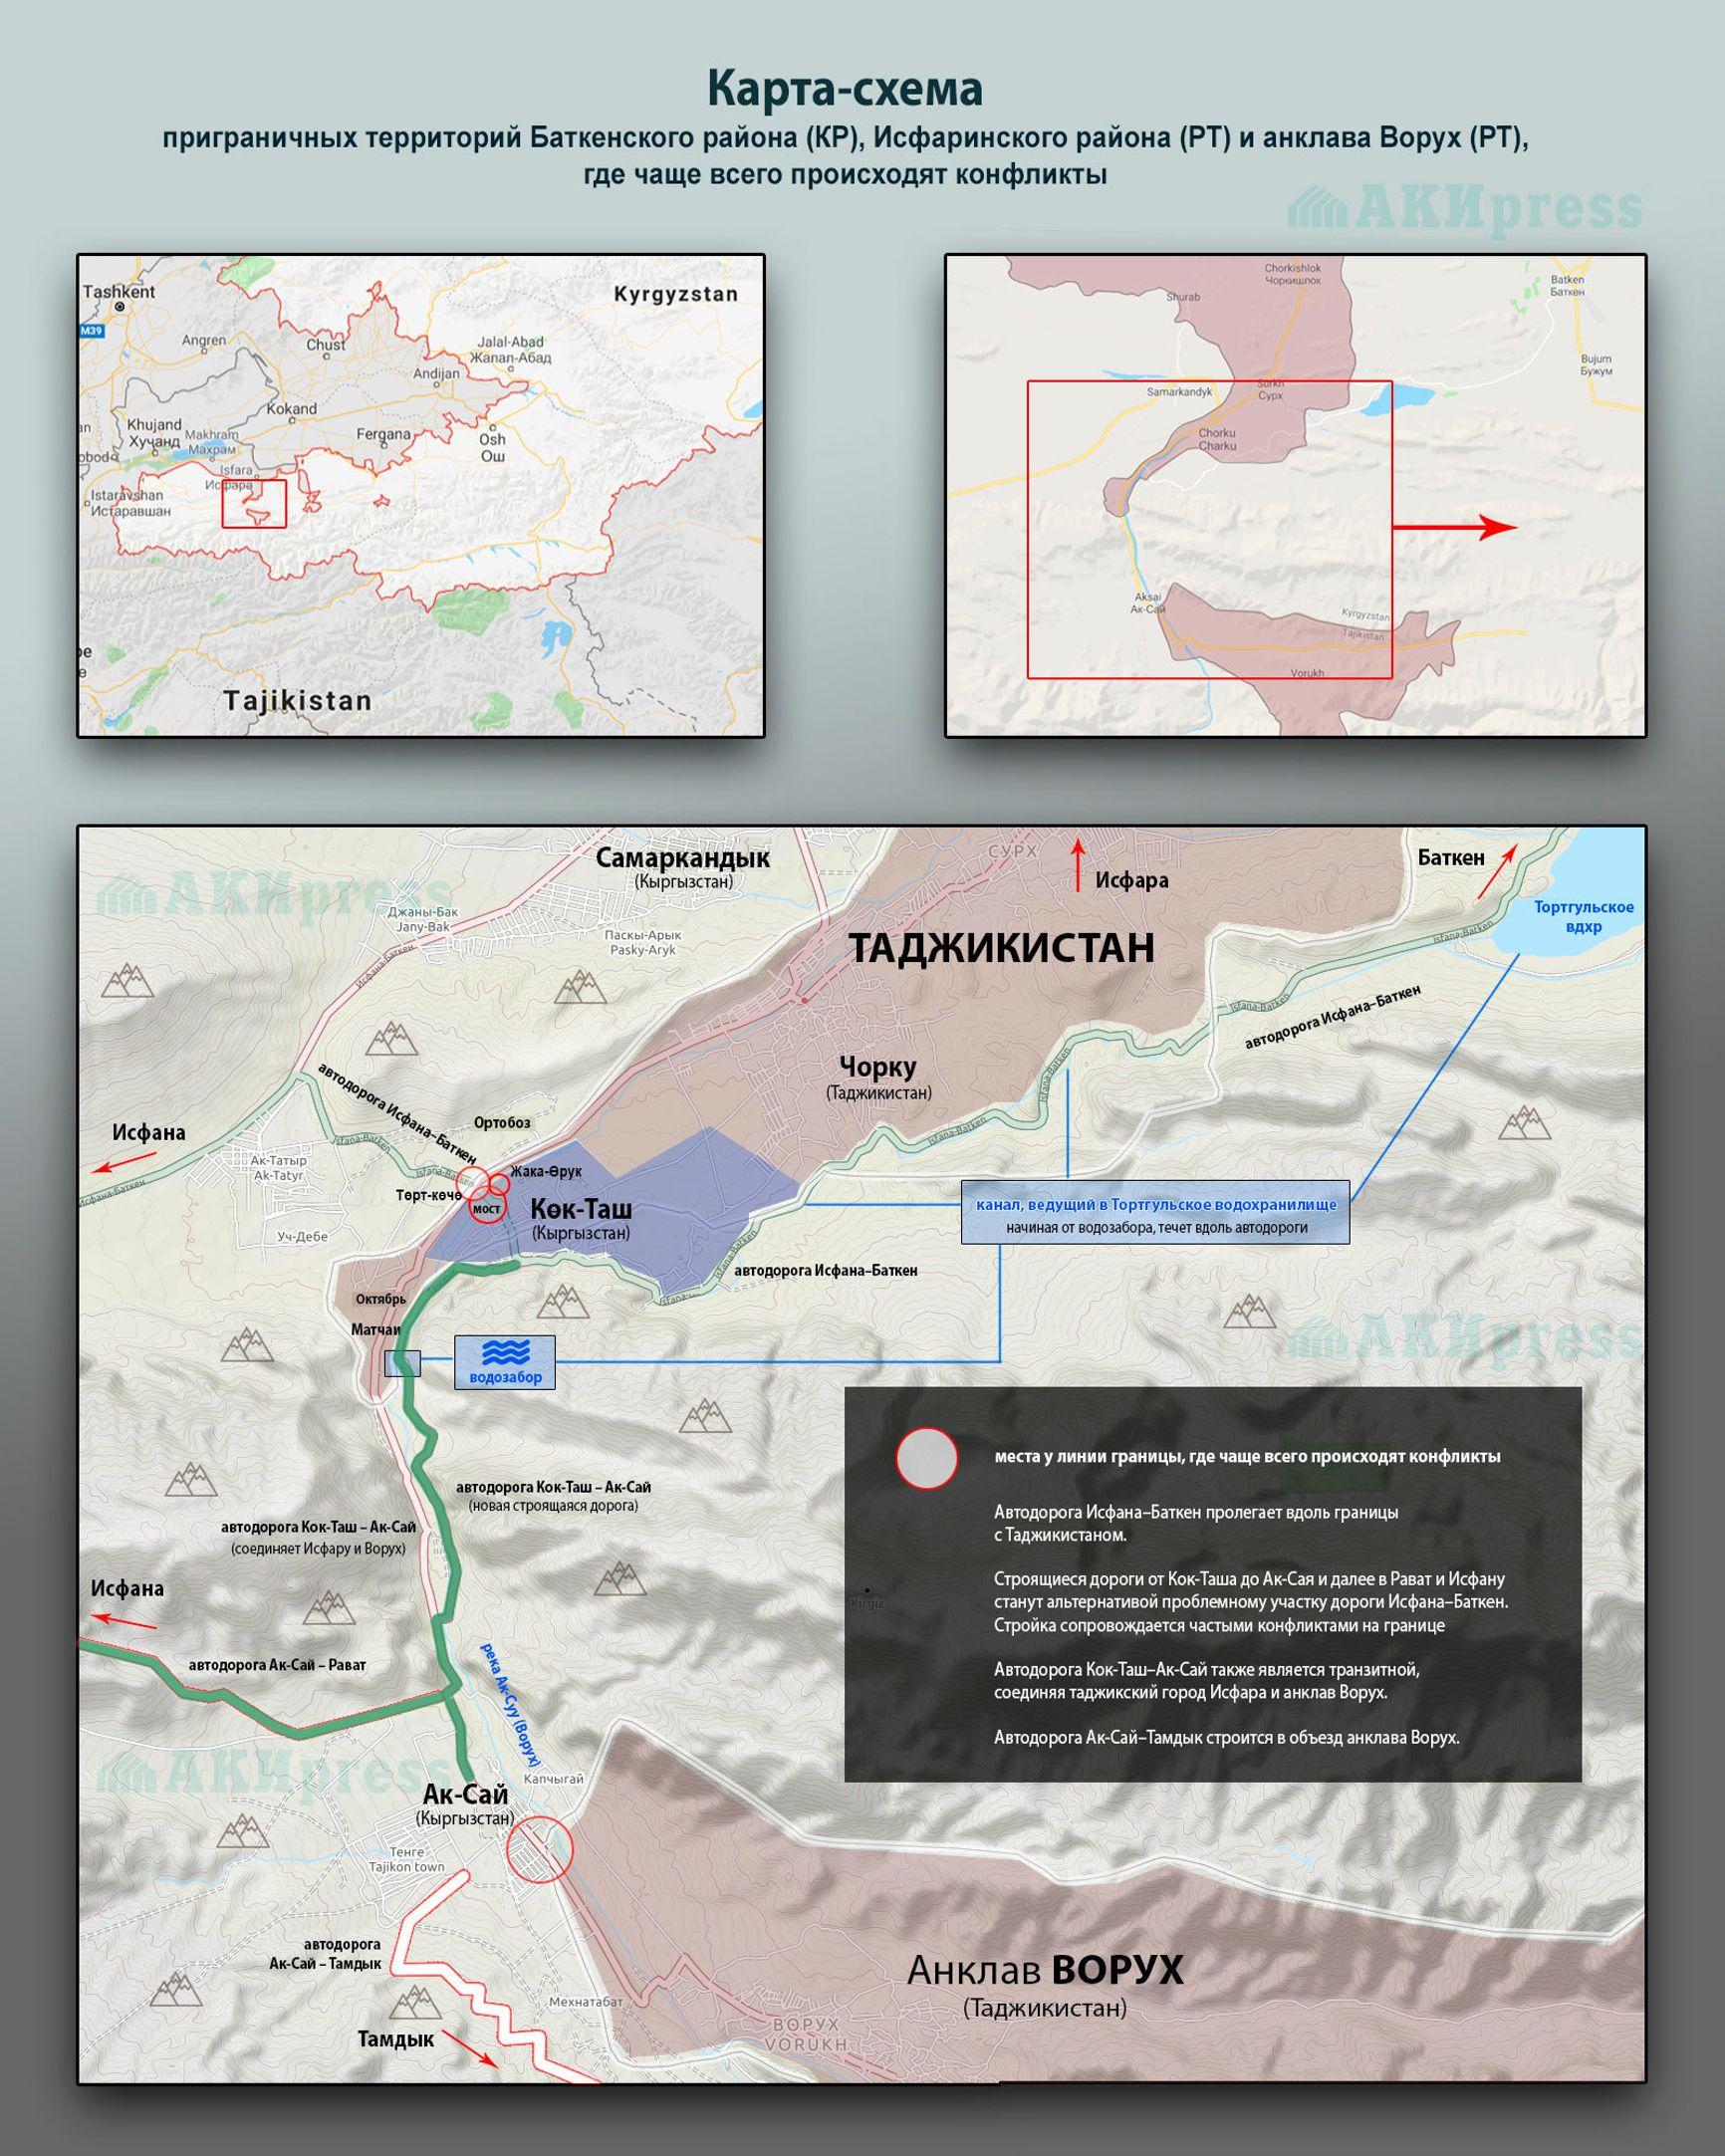 Карта конфликта